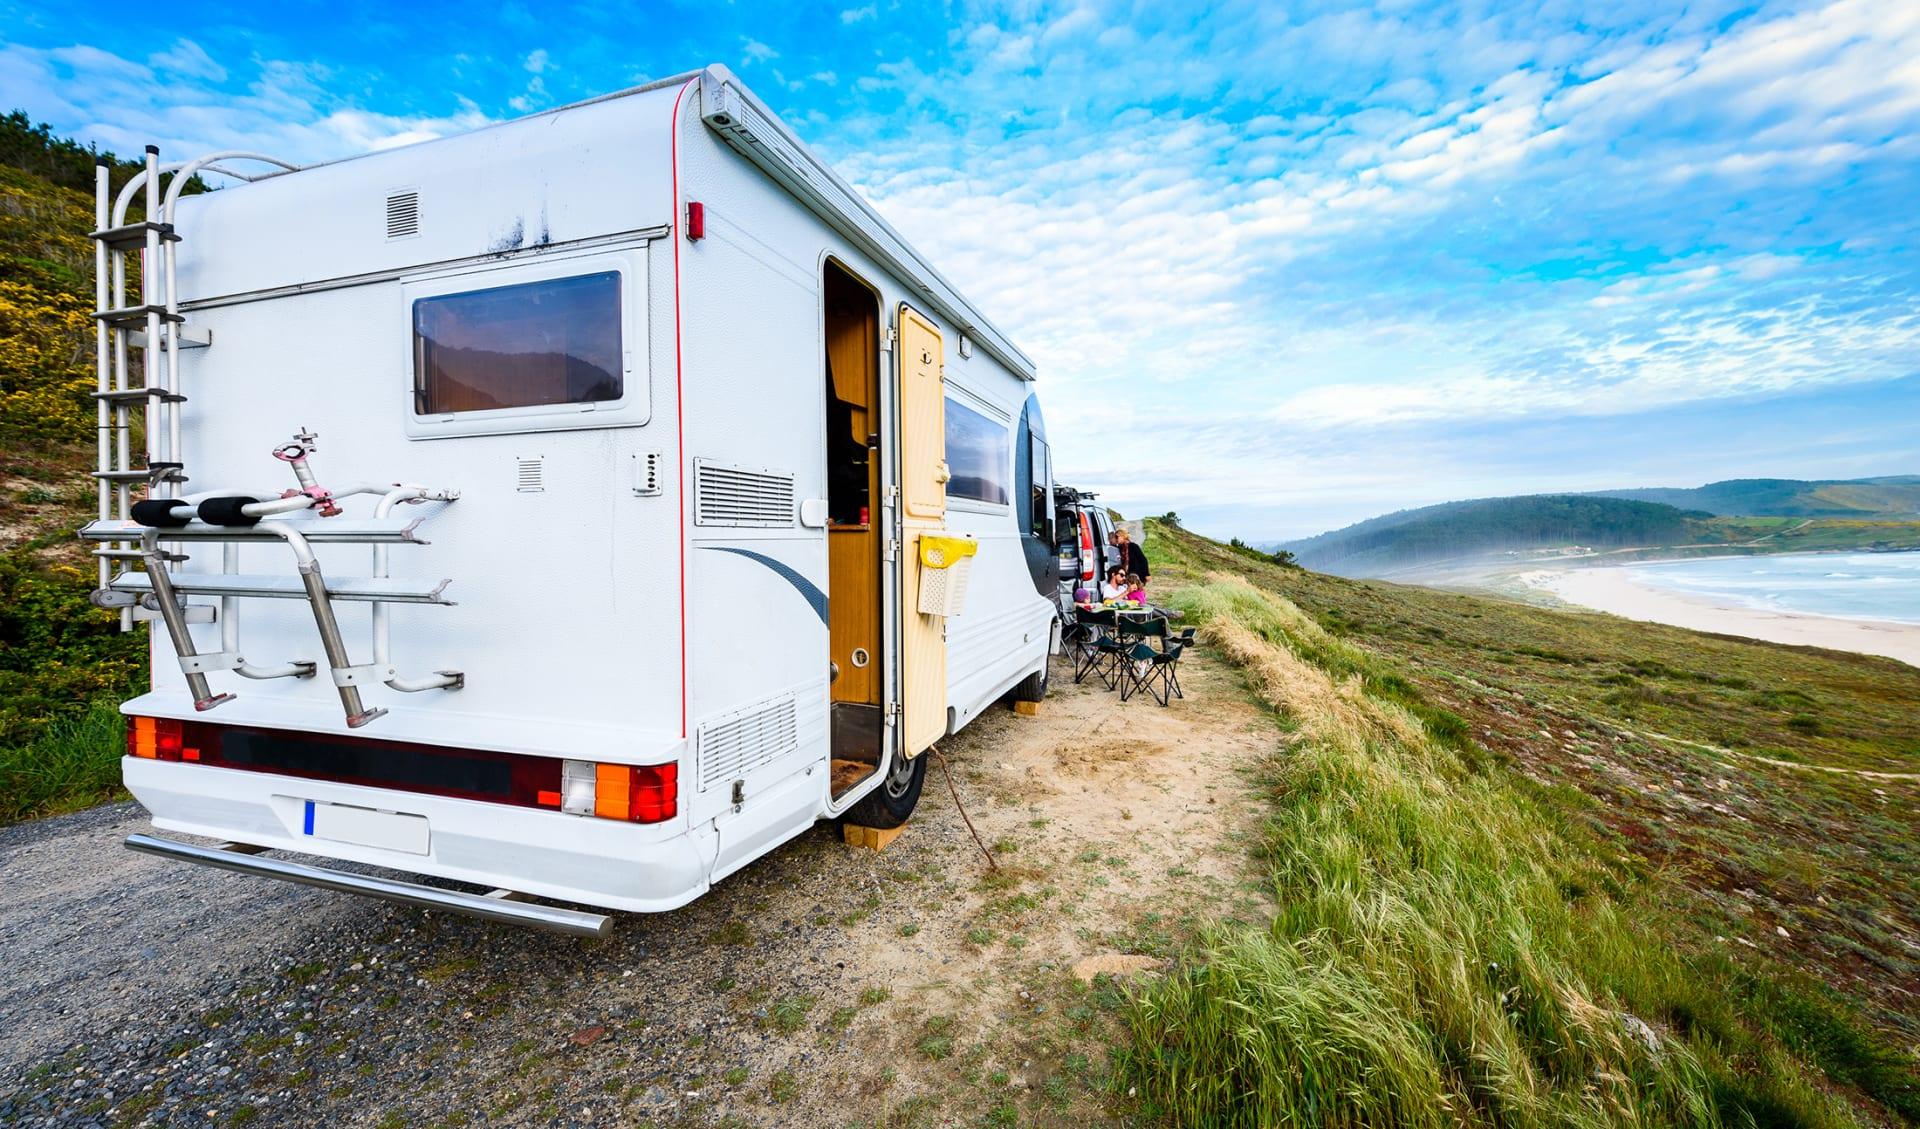 Camping, Reisen mit Kindern, Neuseeland